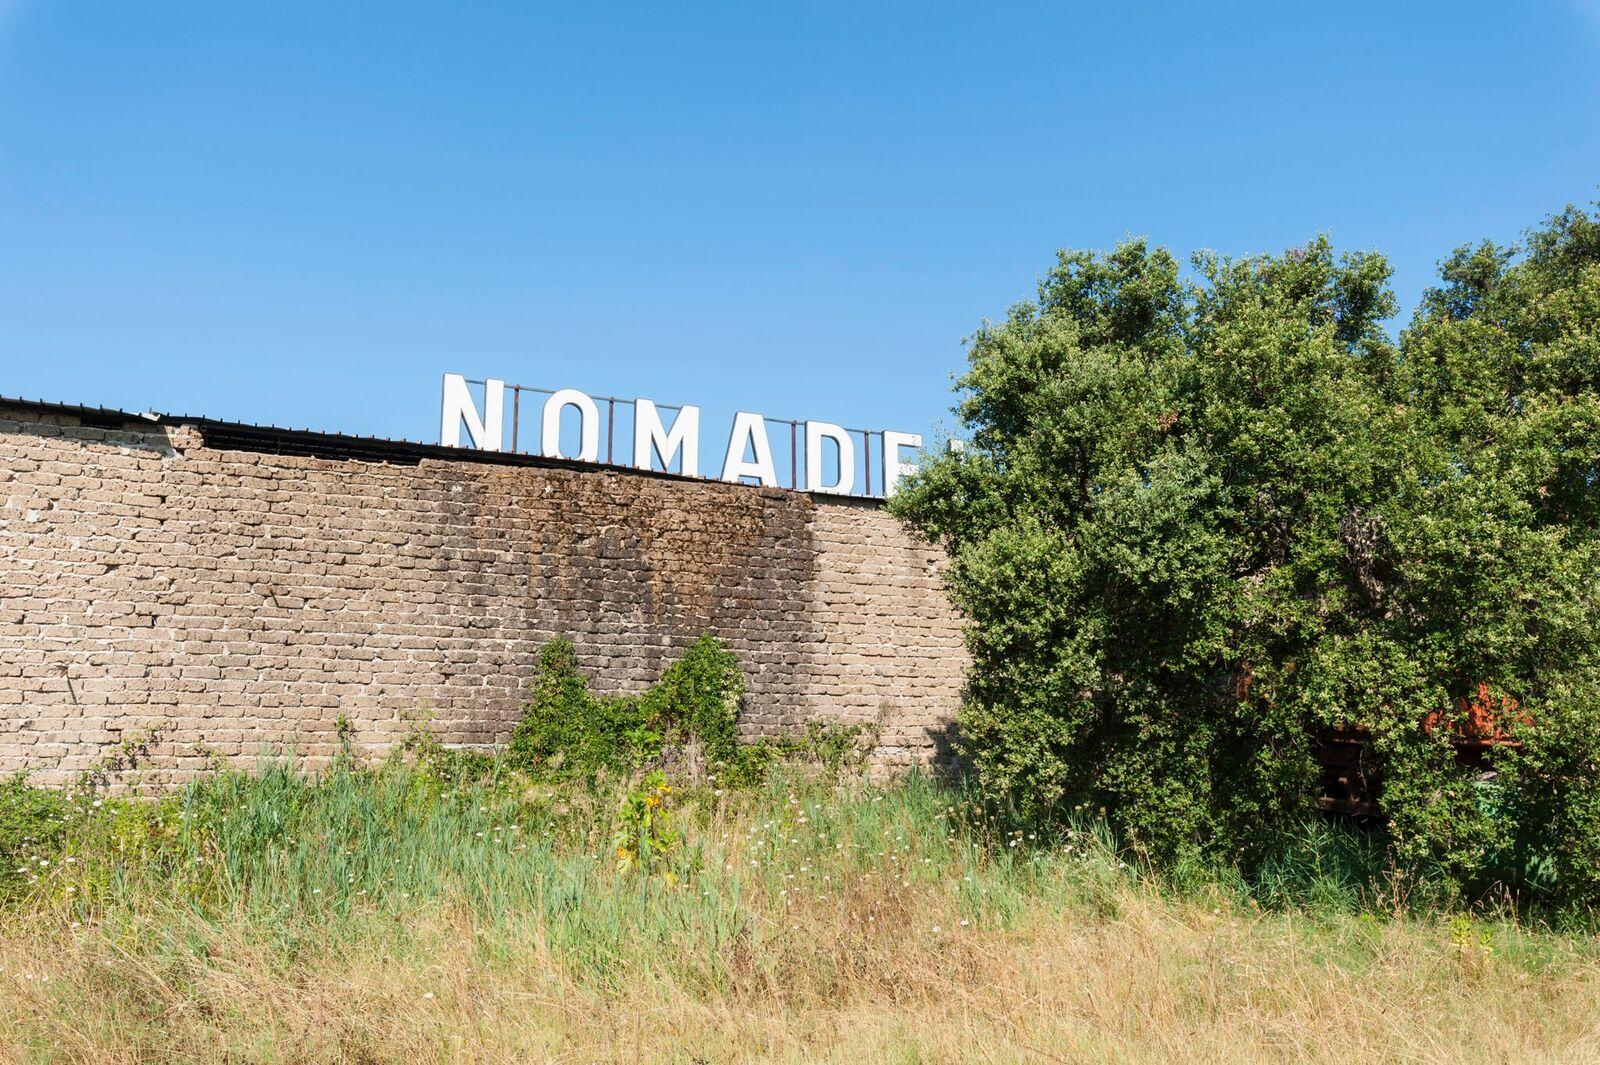 Vi portiamo a Nomadelfia, il sogno di una città sopra la collina (reportage)